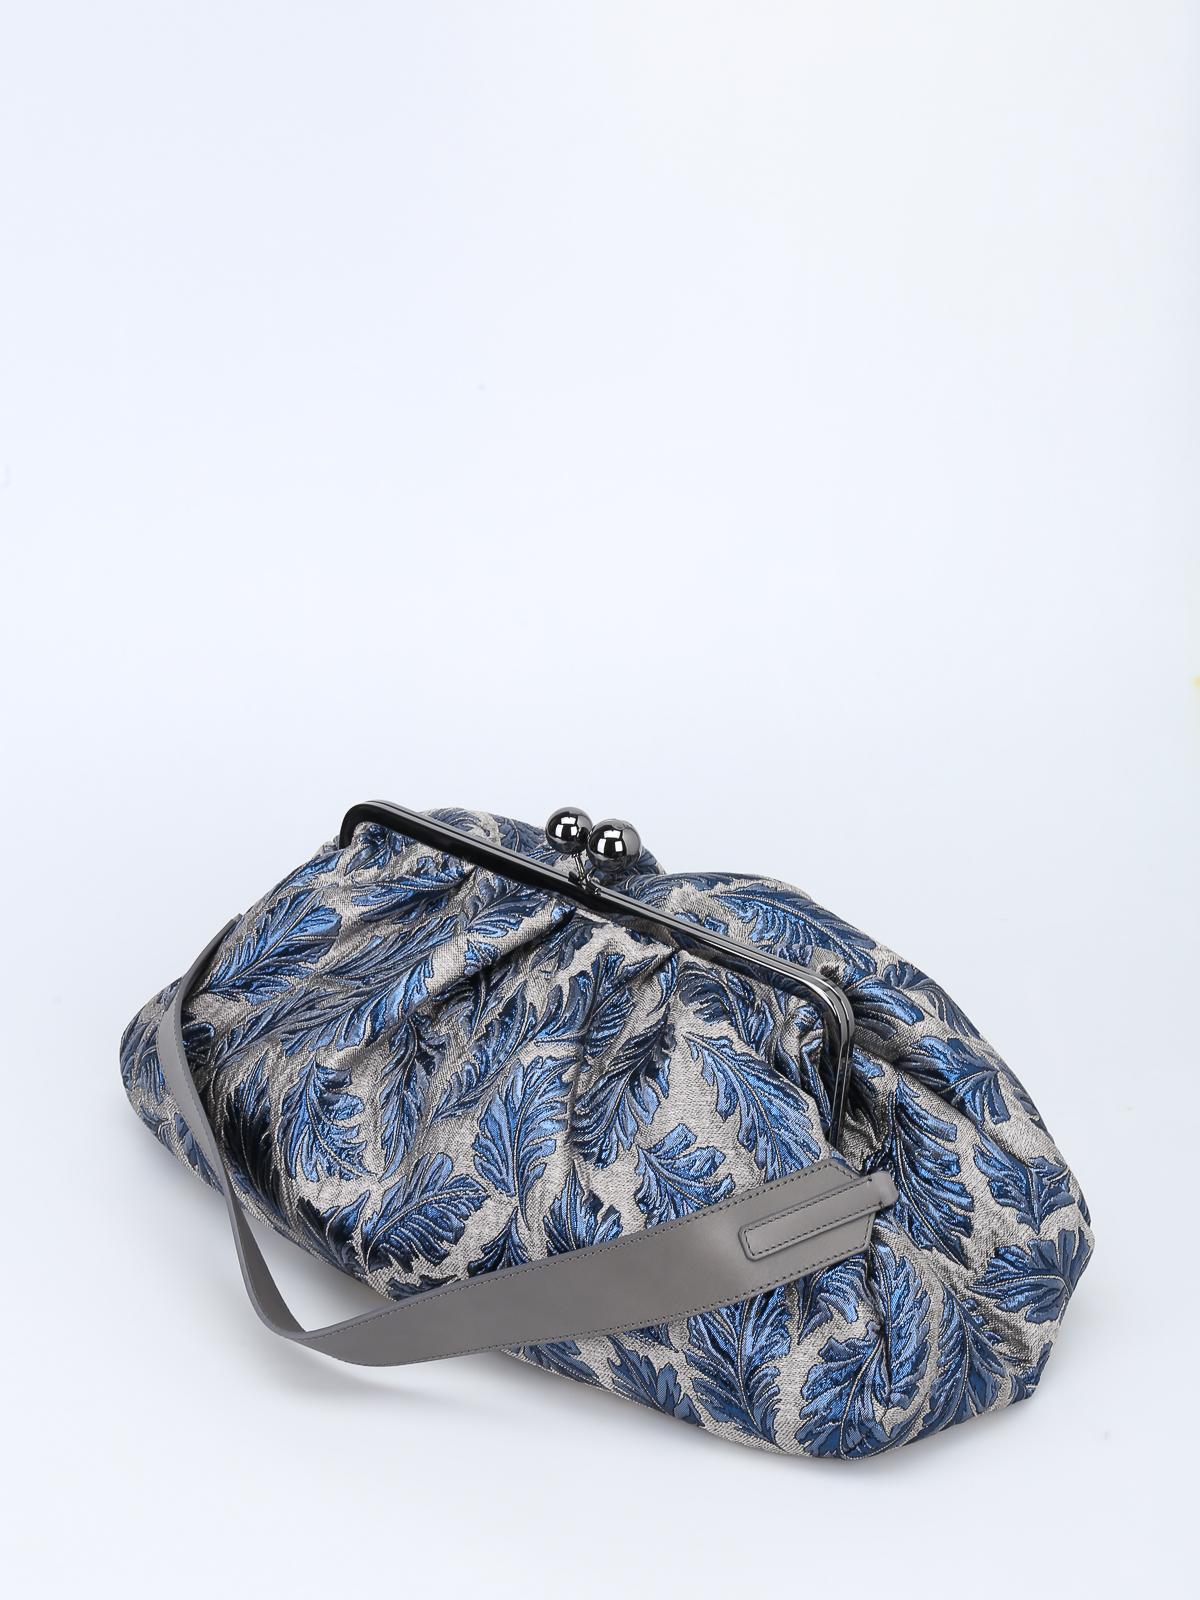 iKRIX Max Mara  pochette - Pasticcino Bag Maxi in jacquard argento e blu 00abe6d5db3